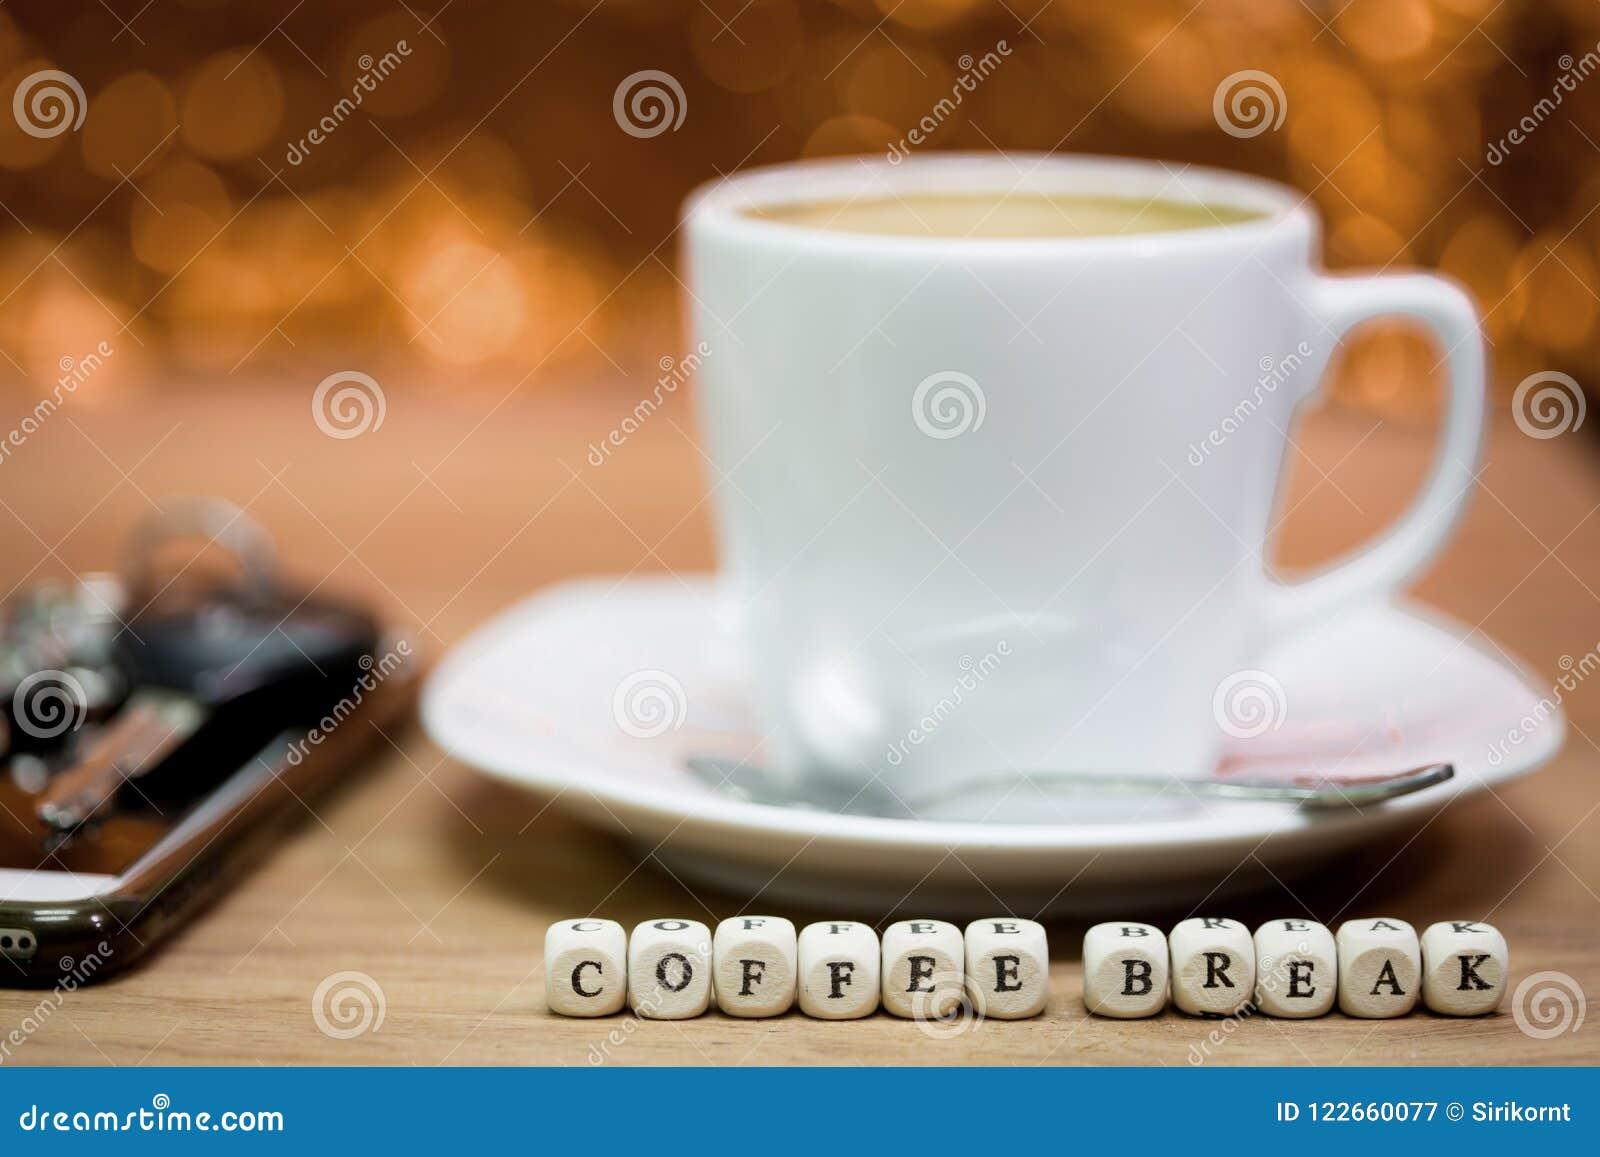 Épocas del café, descanso para tomar café